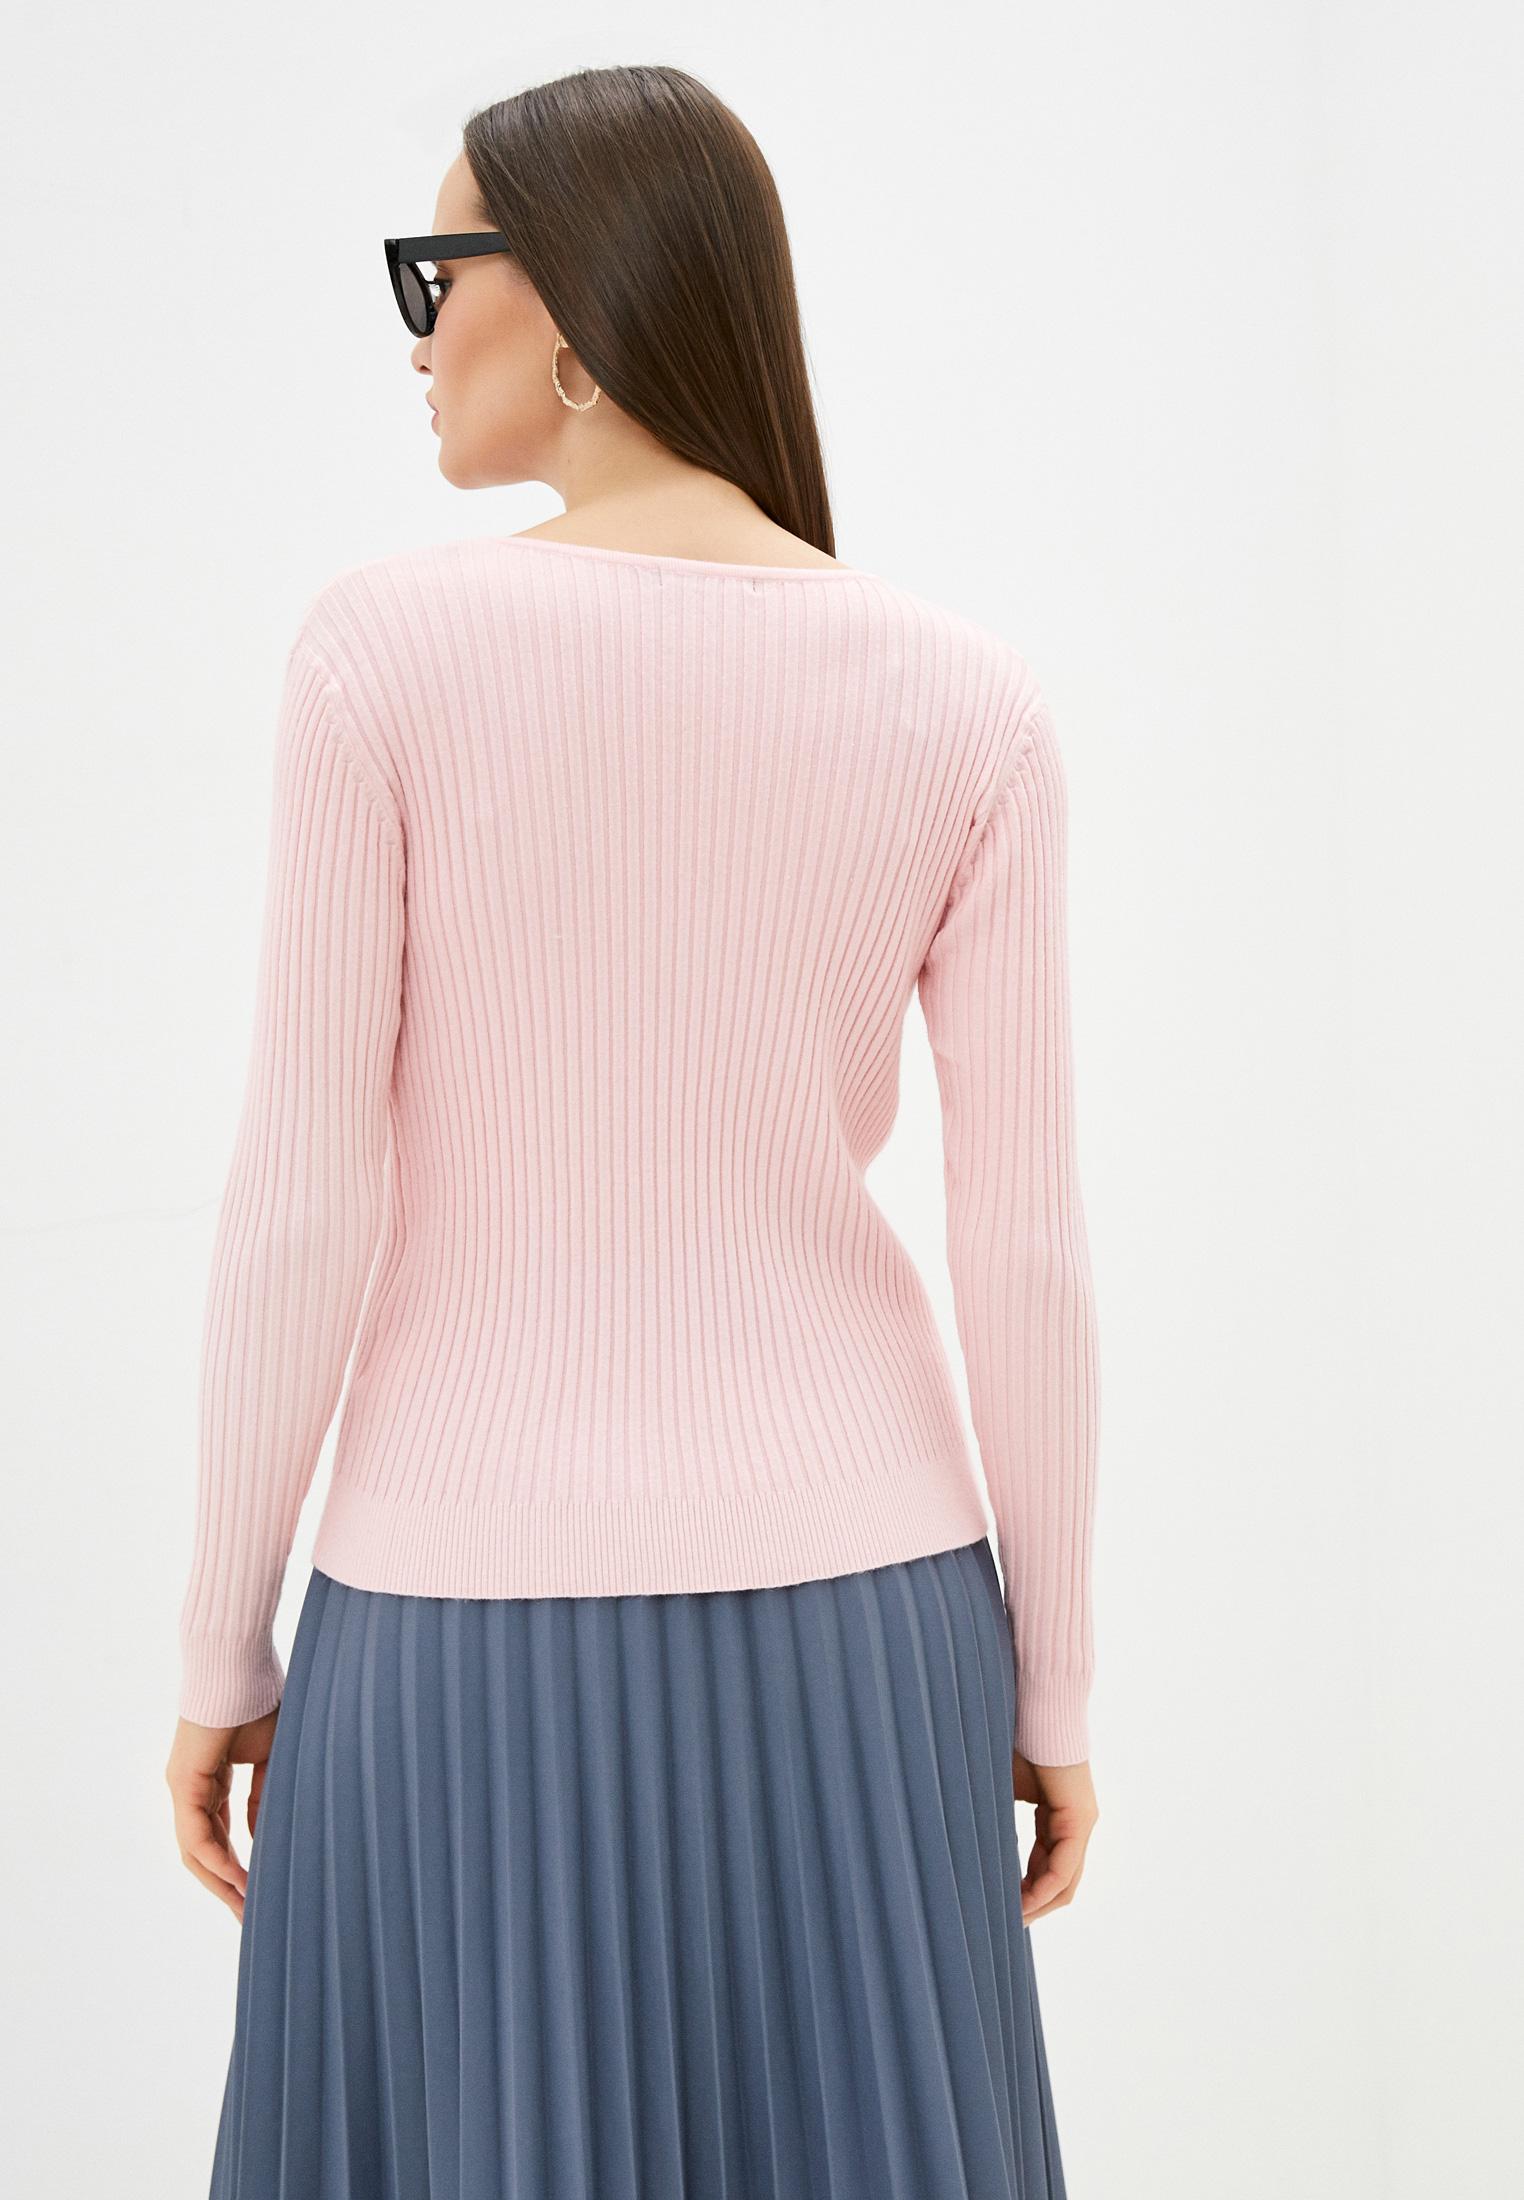 Пуловер Assuili ASF322: изображение 3